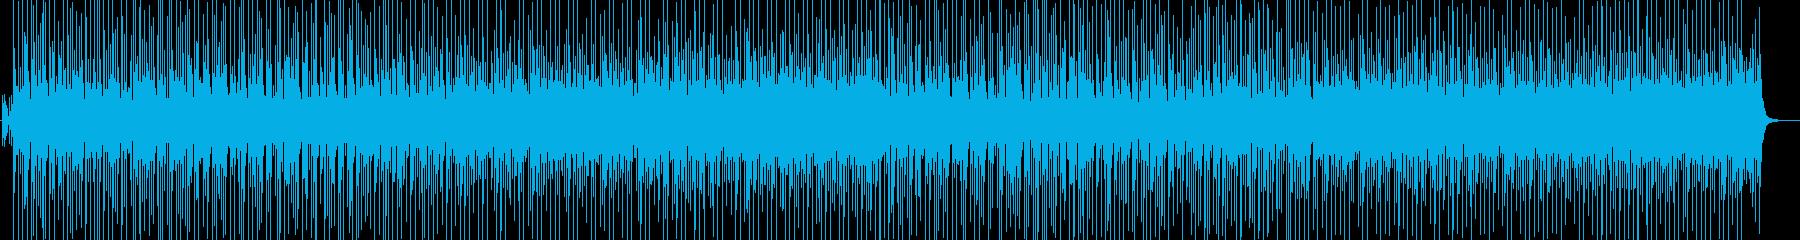 和調 登場 お囃子 転換の再生済みの波形